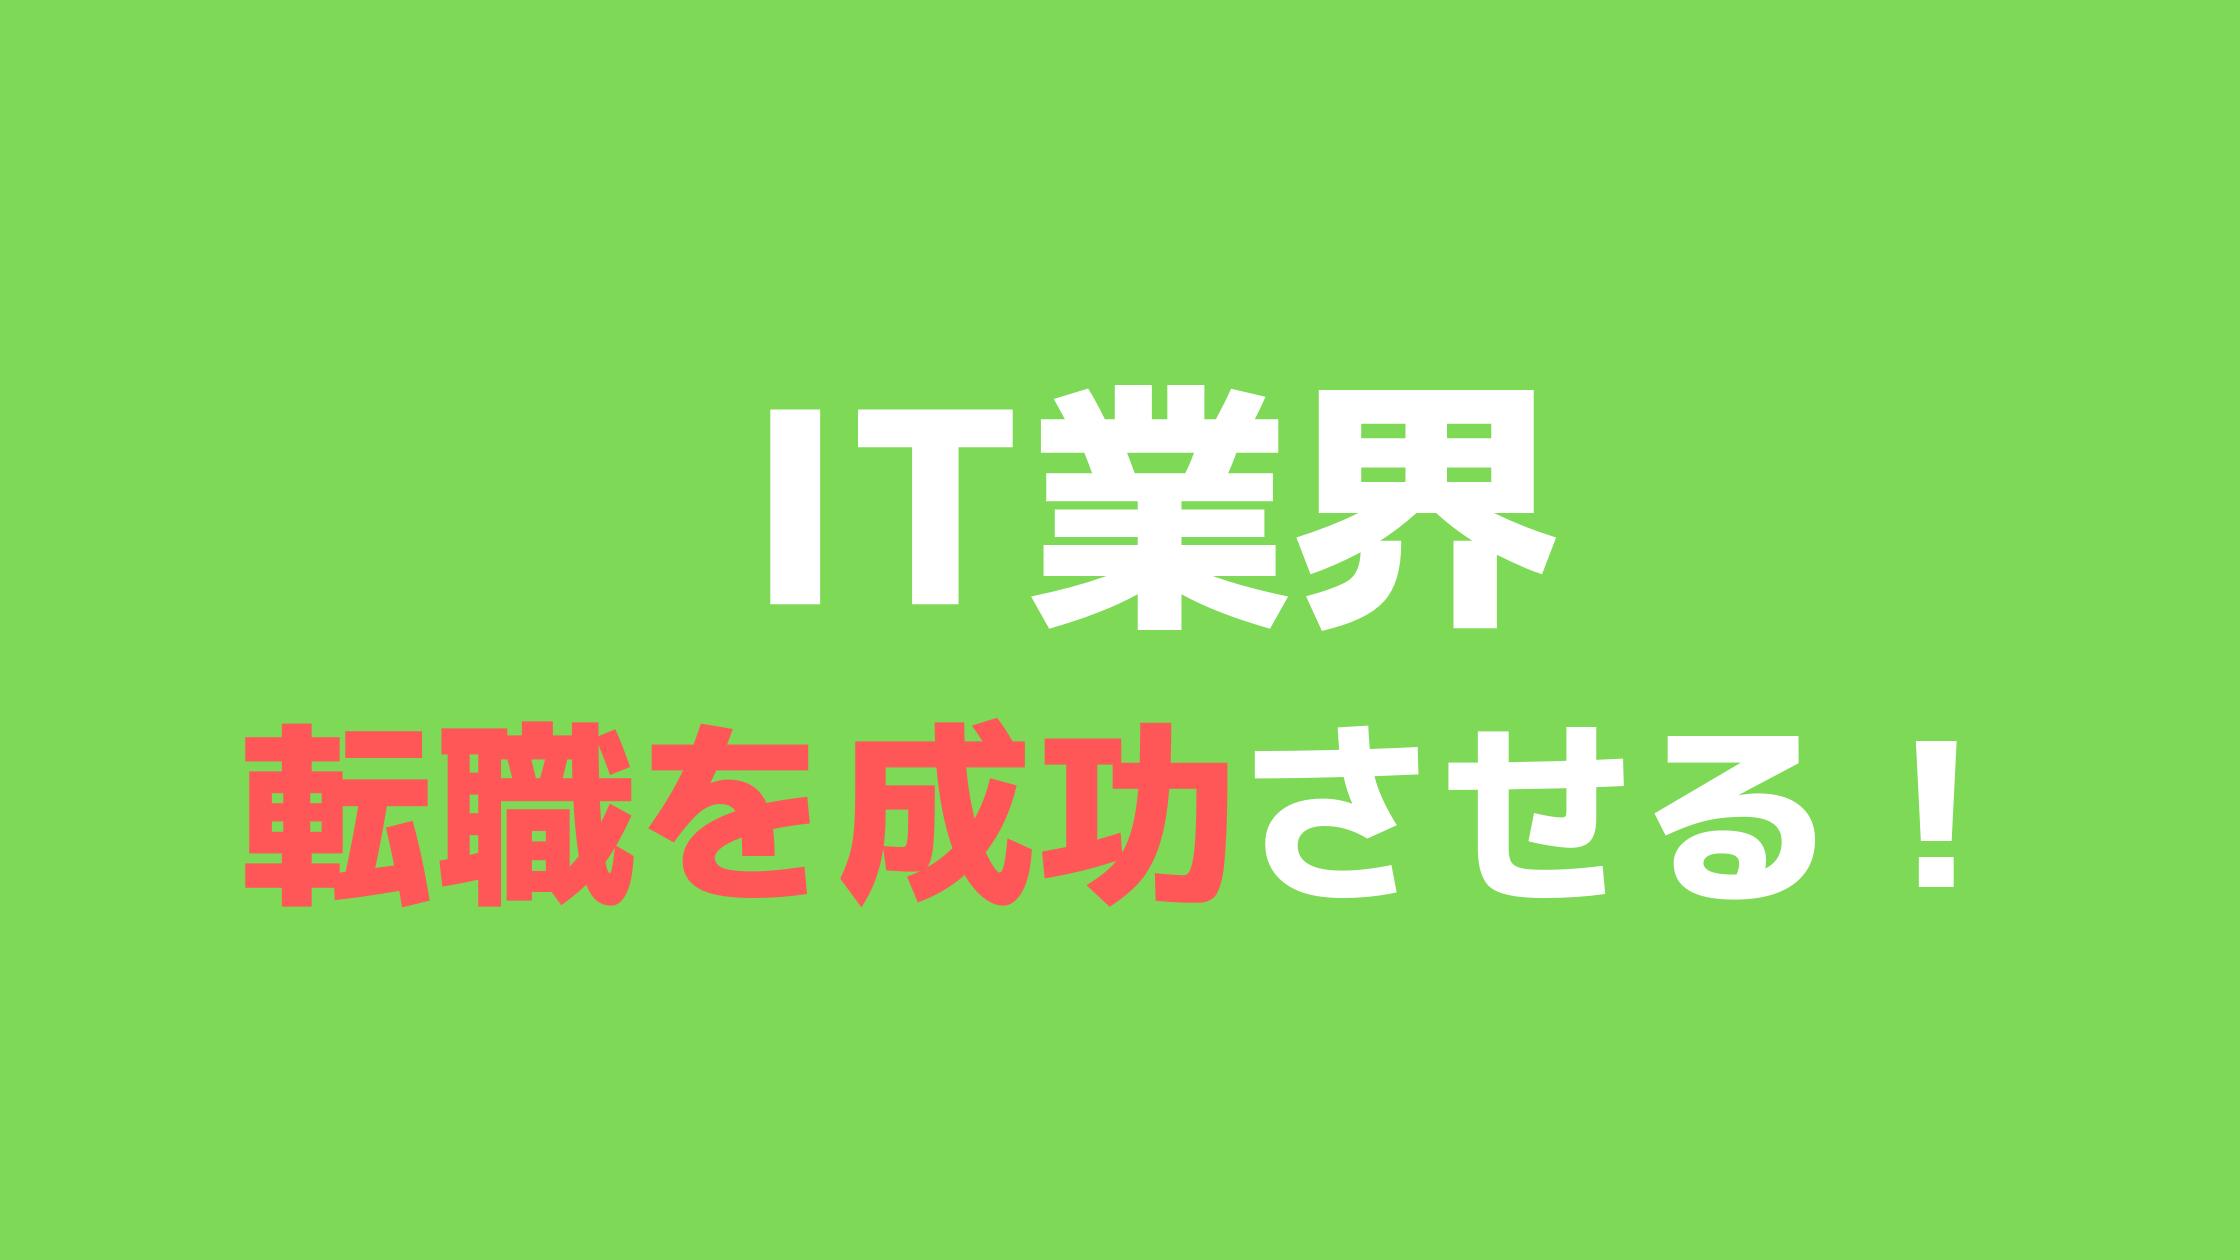 IT業界におすすめの転職エージェント